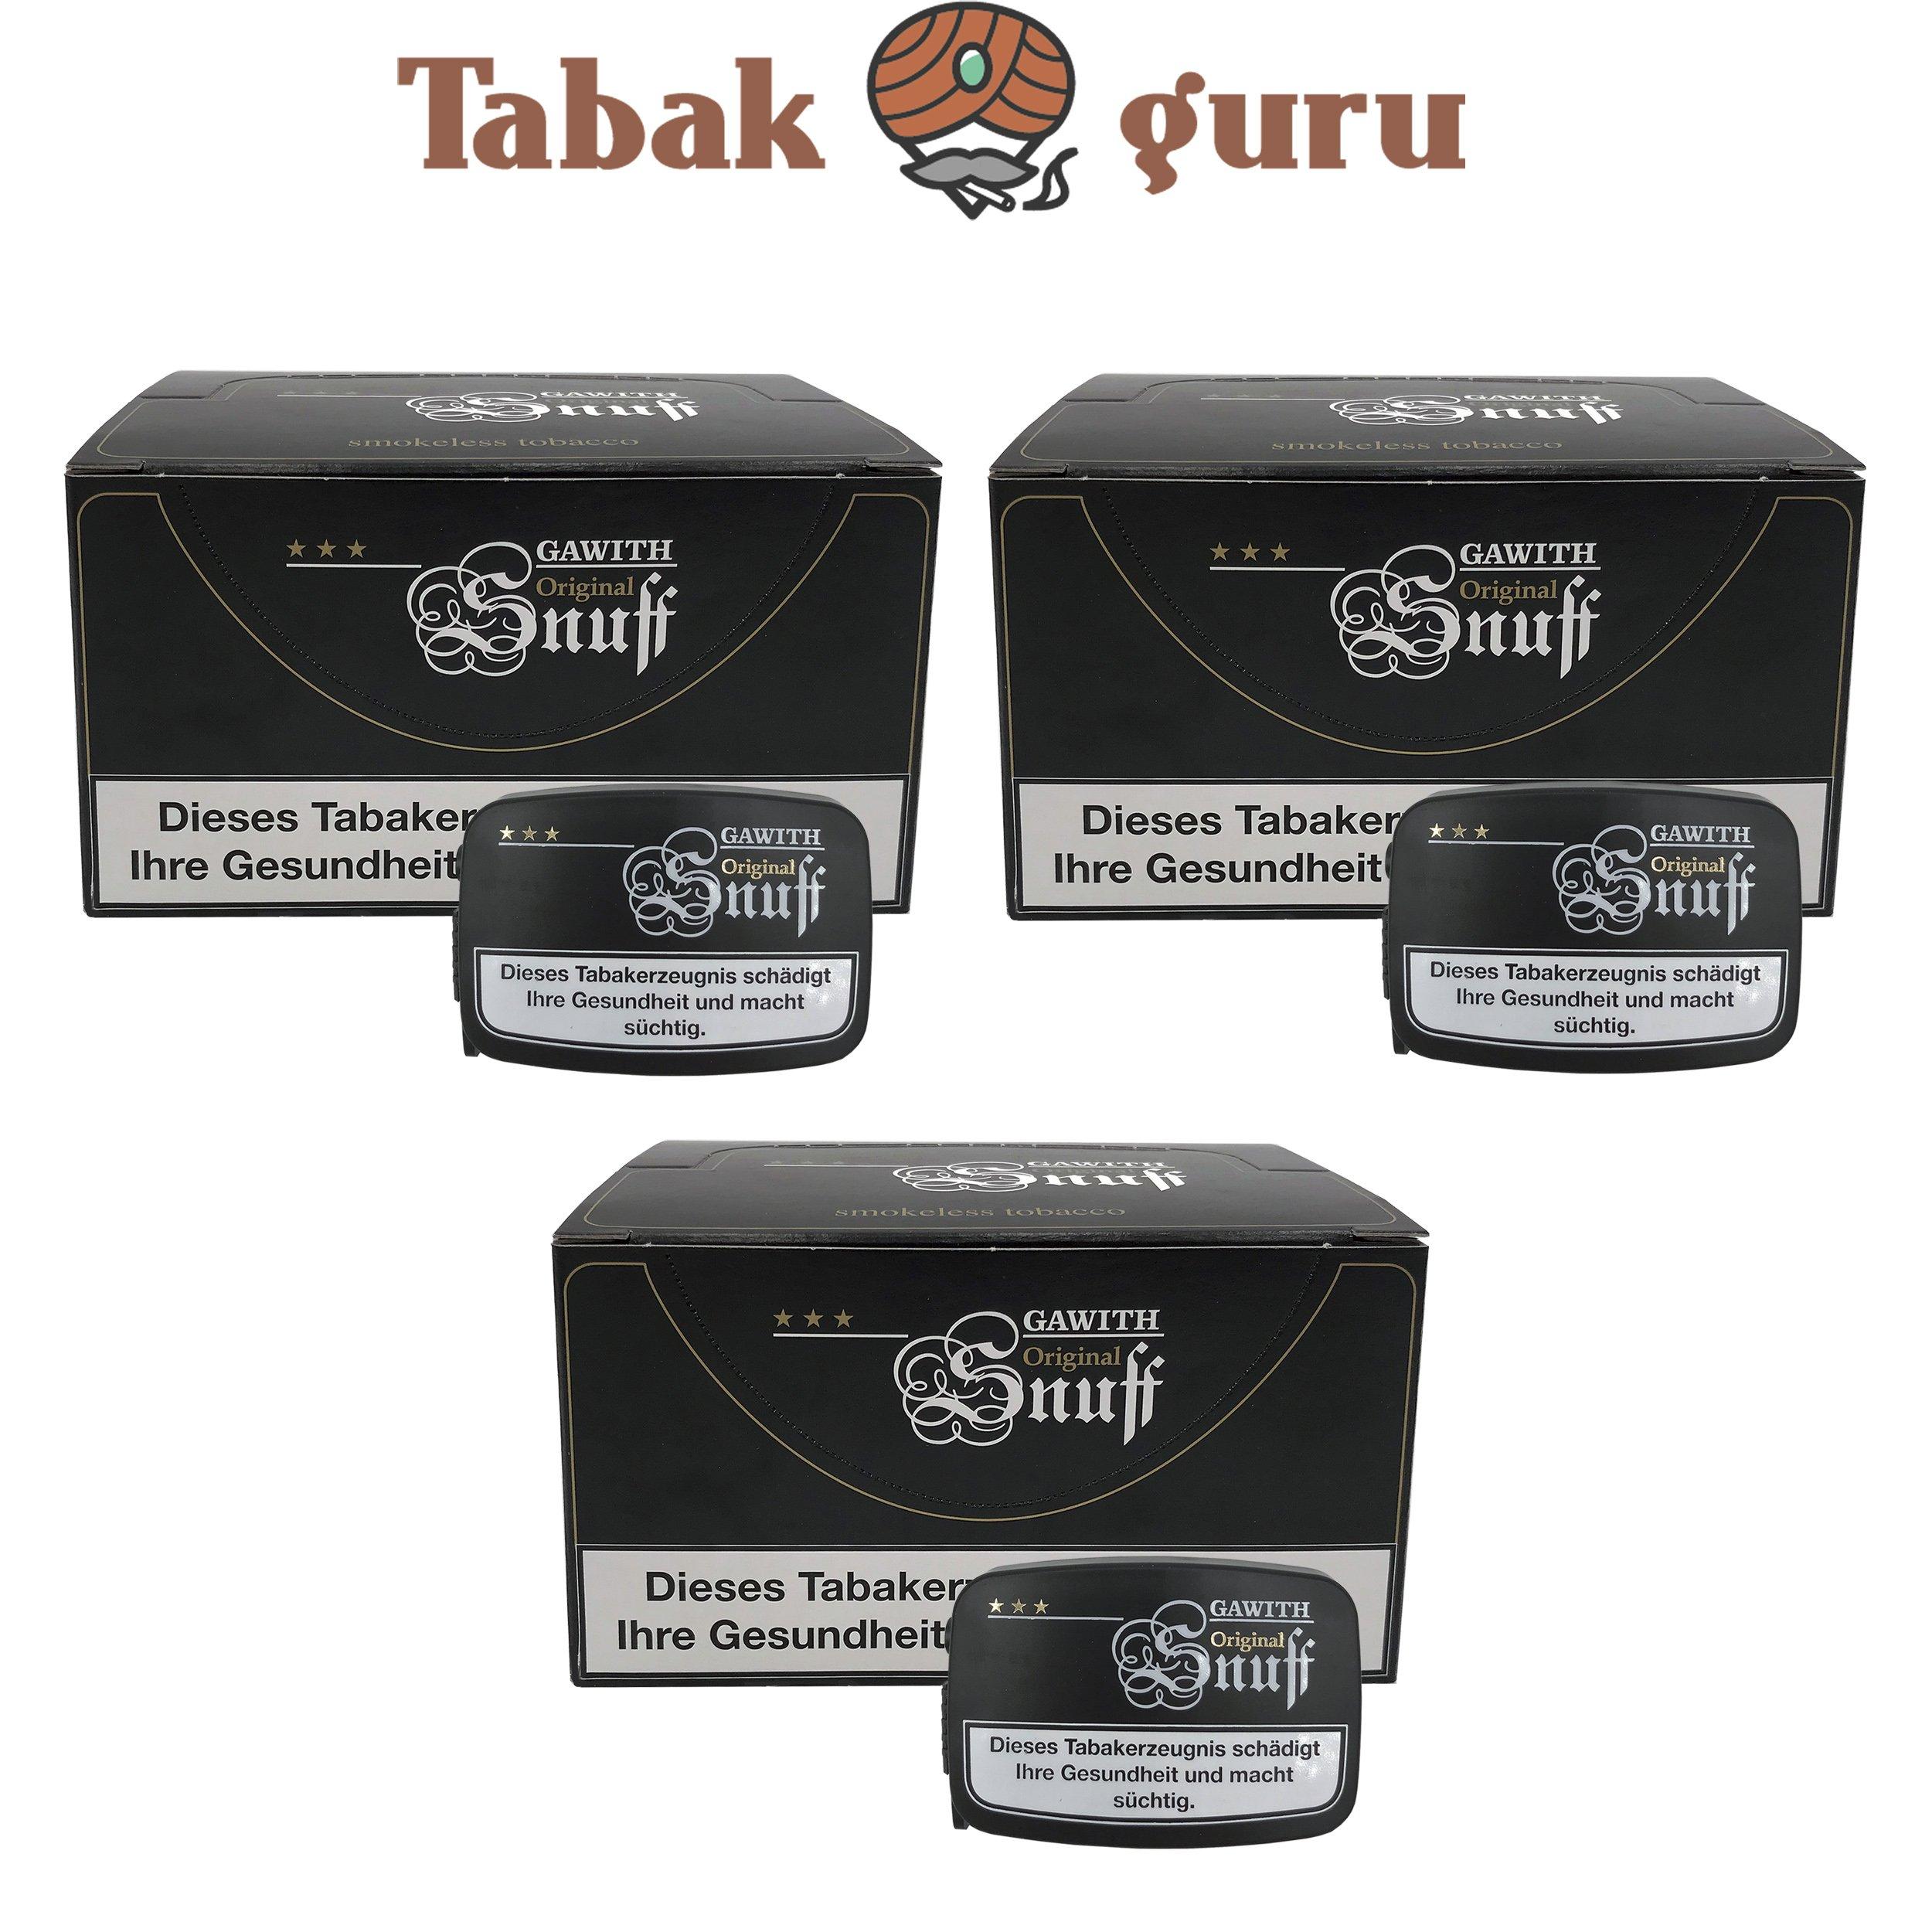 60x Gawith Original Snuff Schnupftabak Dose á10 g